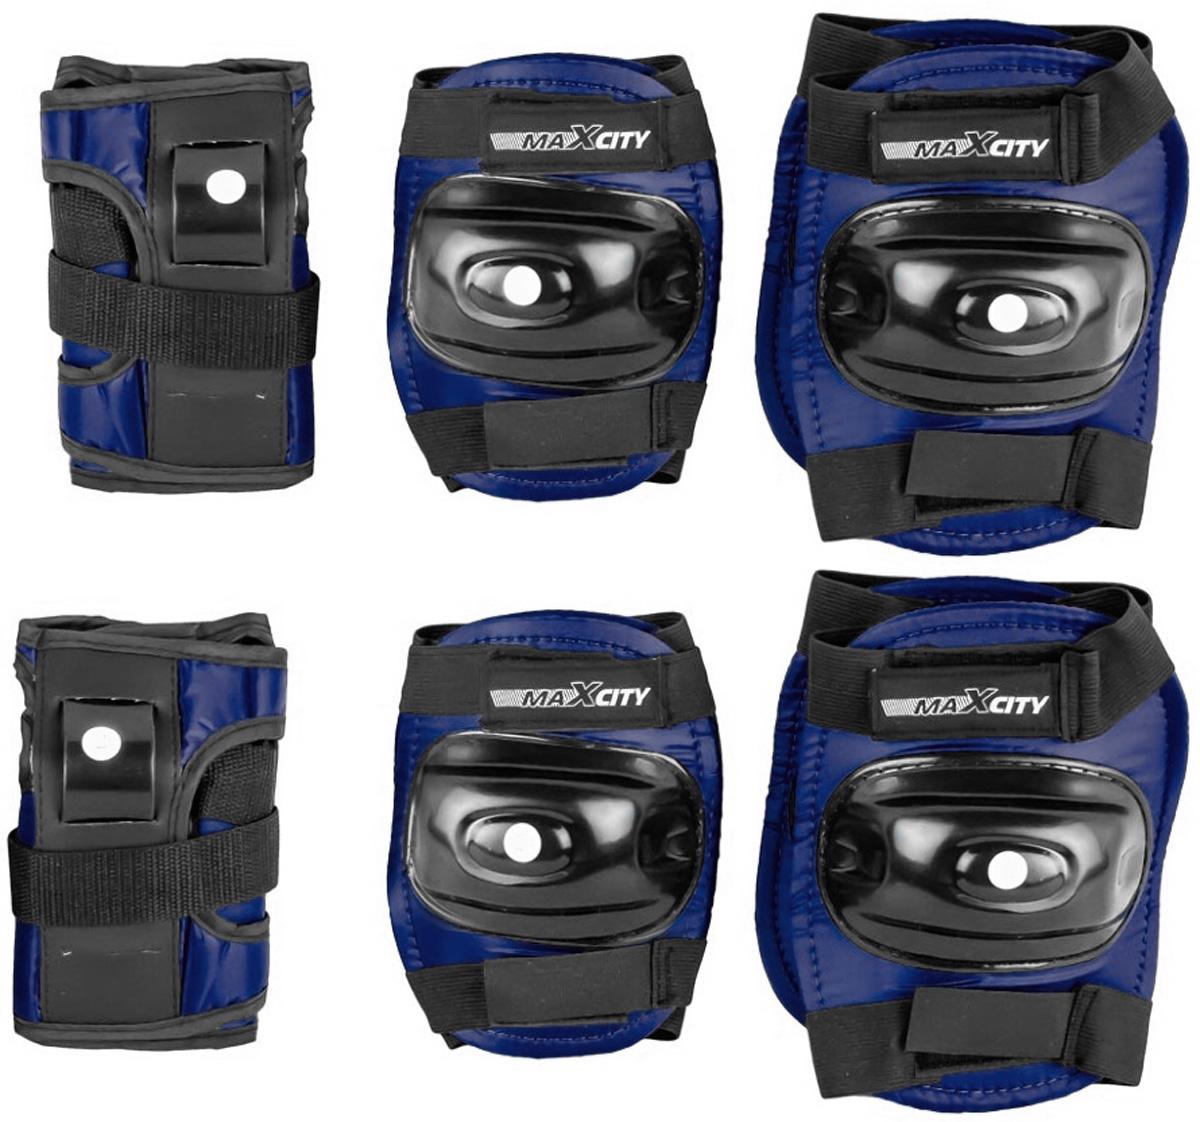 Защита роликовая MaxCity Standard, цвет: синий, черный. Размер S2770960253515Защита роликовая MaxCity Standard как нельзя лучше подойдет вашему ребенку. Защита предназначена для комфортного и безопасного катания на роликовых коньках. Состоит из налокотников, наколенников и защиты запястий. Каждый из этих элементов выполнен из качественных материалов, жестких снаружи и эластичных внутри. Двухкомпонентная система с внутренними вставками из этилвинилацетата поглощает энергию удара, снимает нагрузку с суставов и, таким образом, снижает риск получения травмы. Отличная подгонка достигается за счет анатомической формы и использования эластичных материалов. Защита комфортна при ношении, так как материал принимает форму руки или ноги. Размер наколенников: 14,5 х 11,5 х 2,5 см. Размер налокотников: 13 х 11 х 2 см. Размер защиты запястья: 13,5 х 7,5 х 5 см.